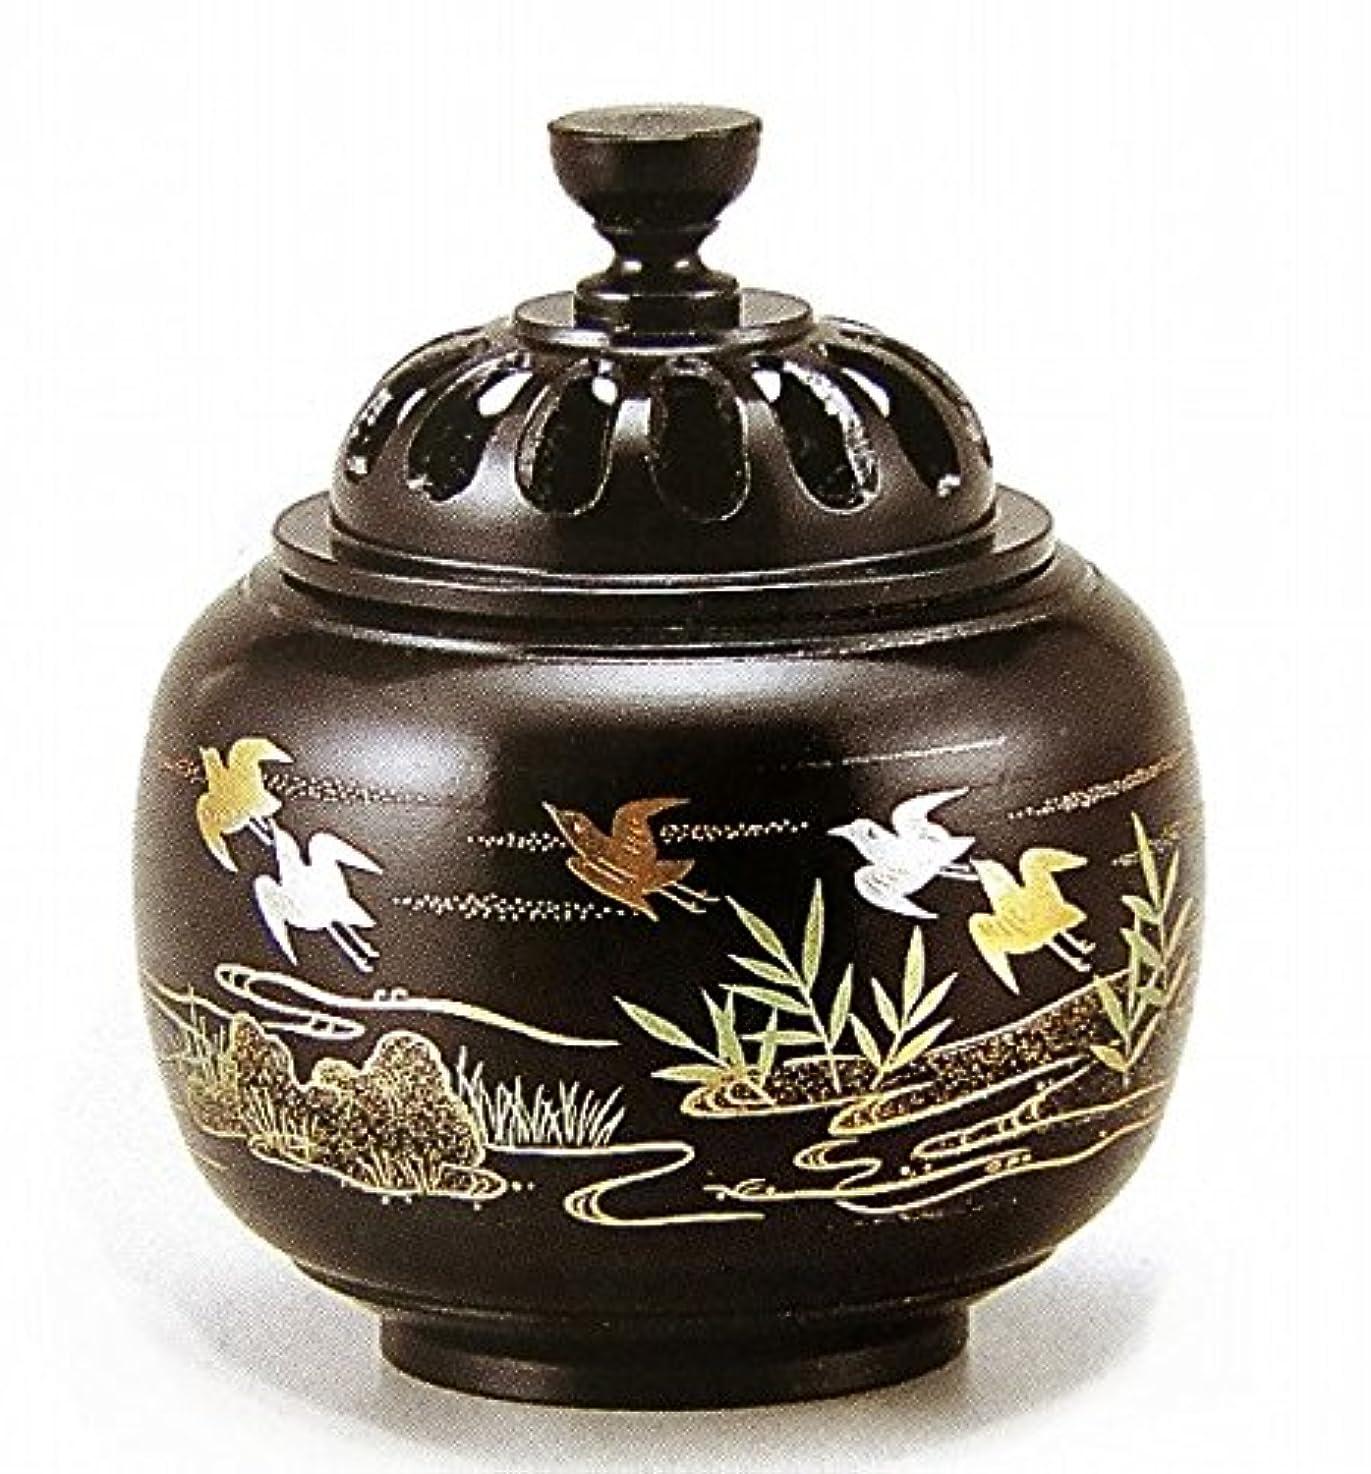 リング弾薬文明化『玉胴型香炉?波千鳥蒔絵』銅製